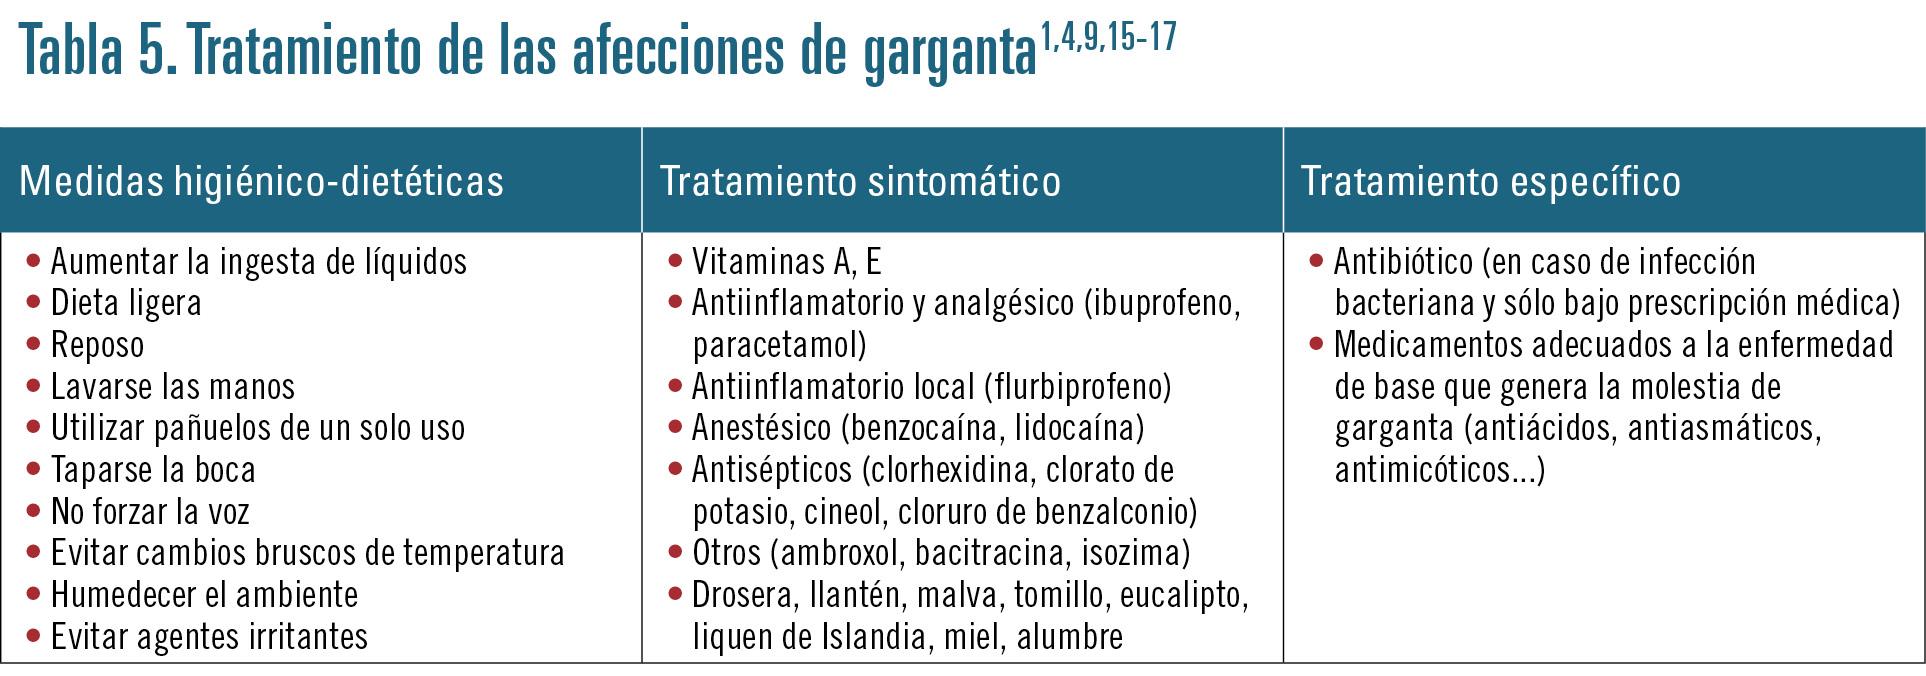 24 EF582 PROFESION AFECCIONES GARGANTA tabla 5